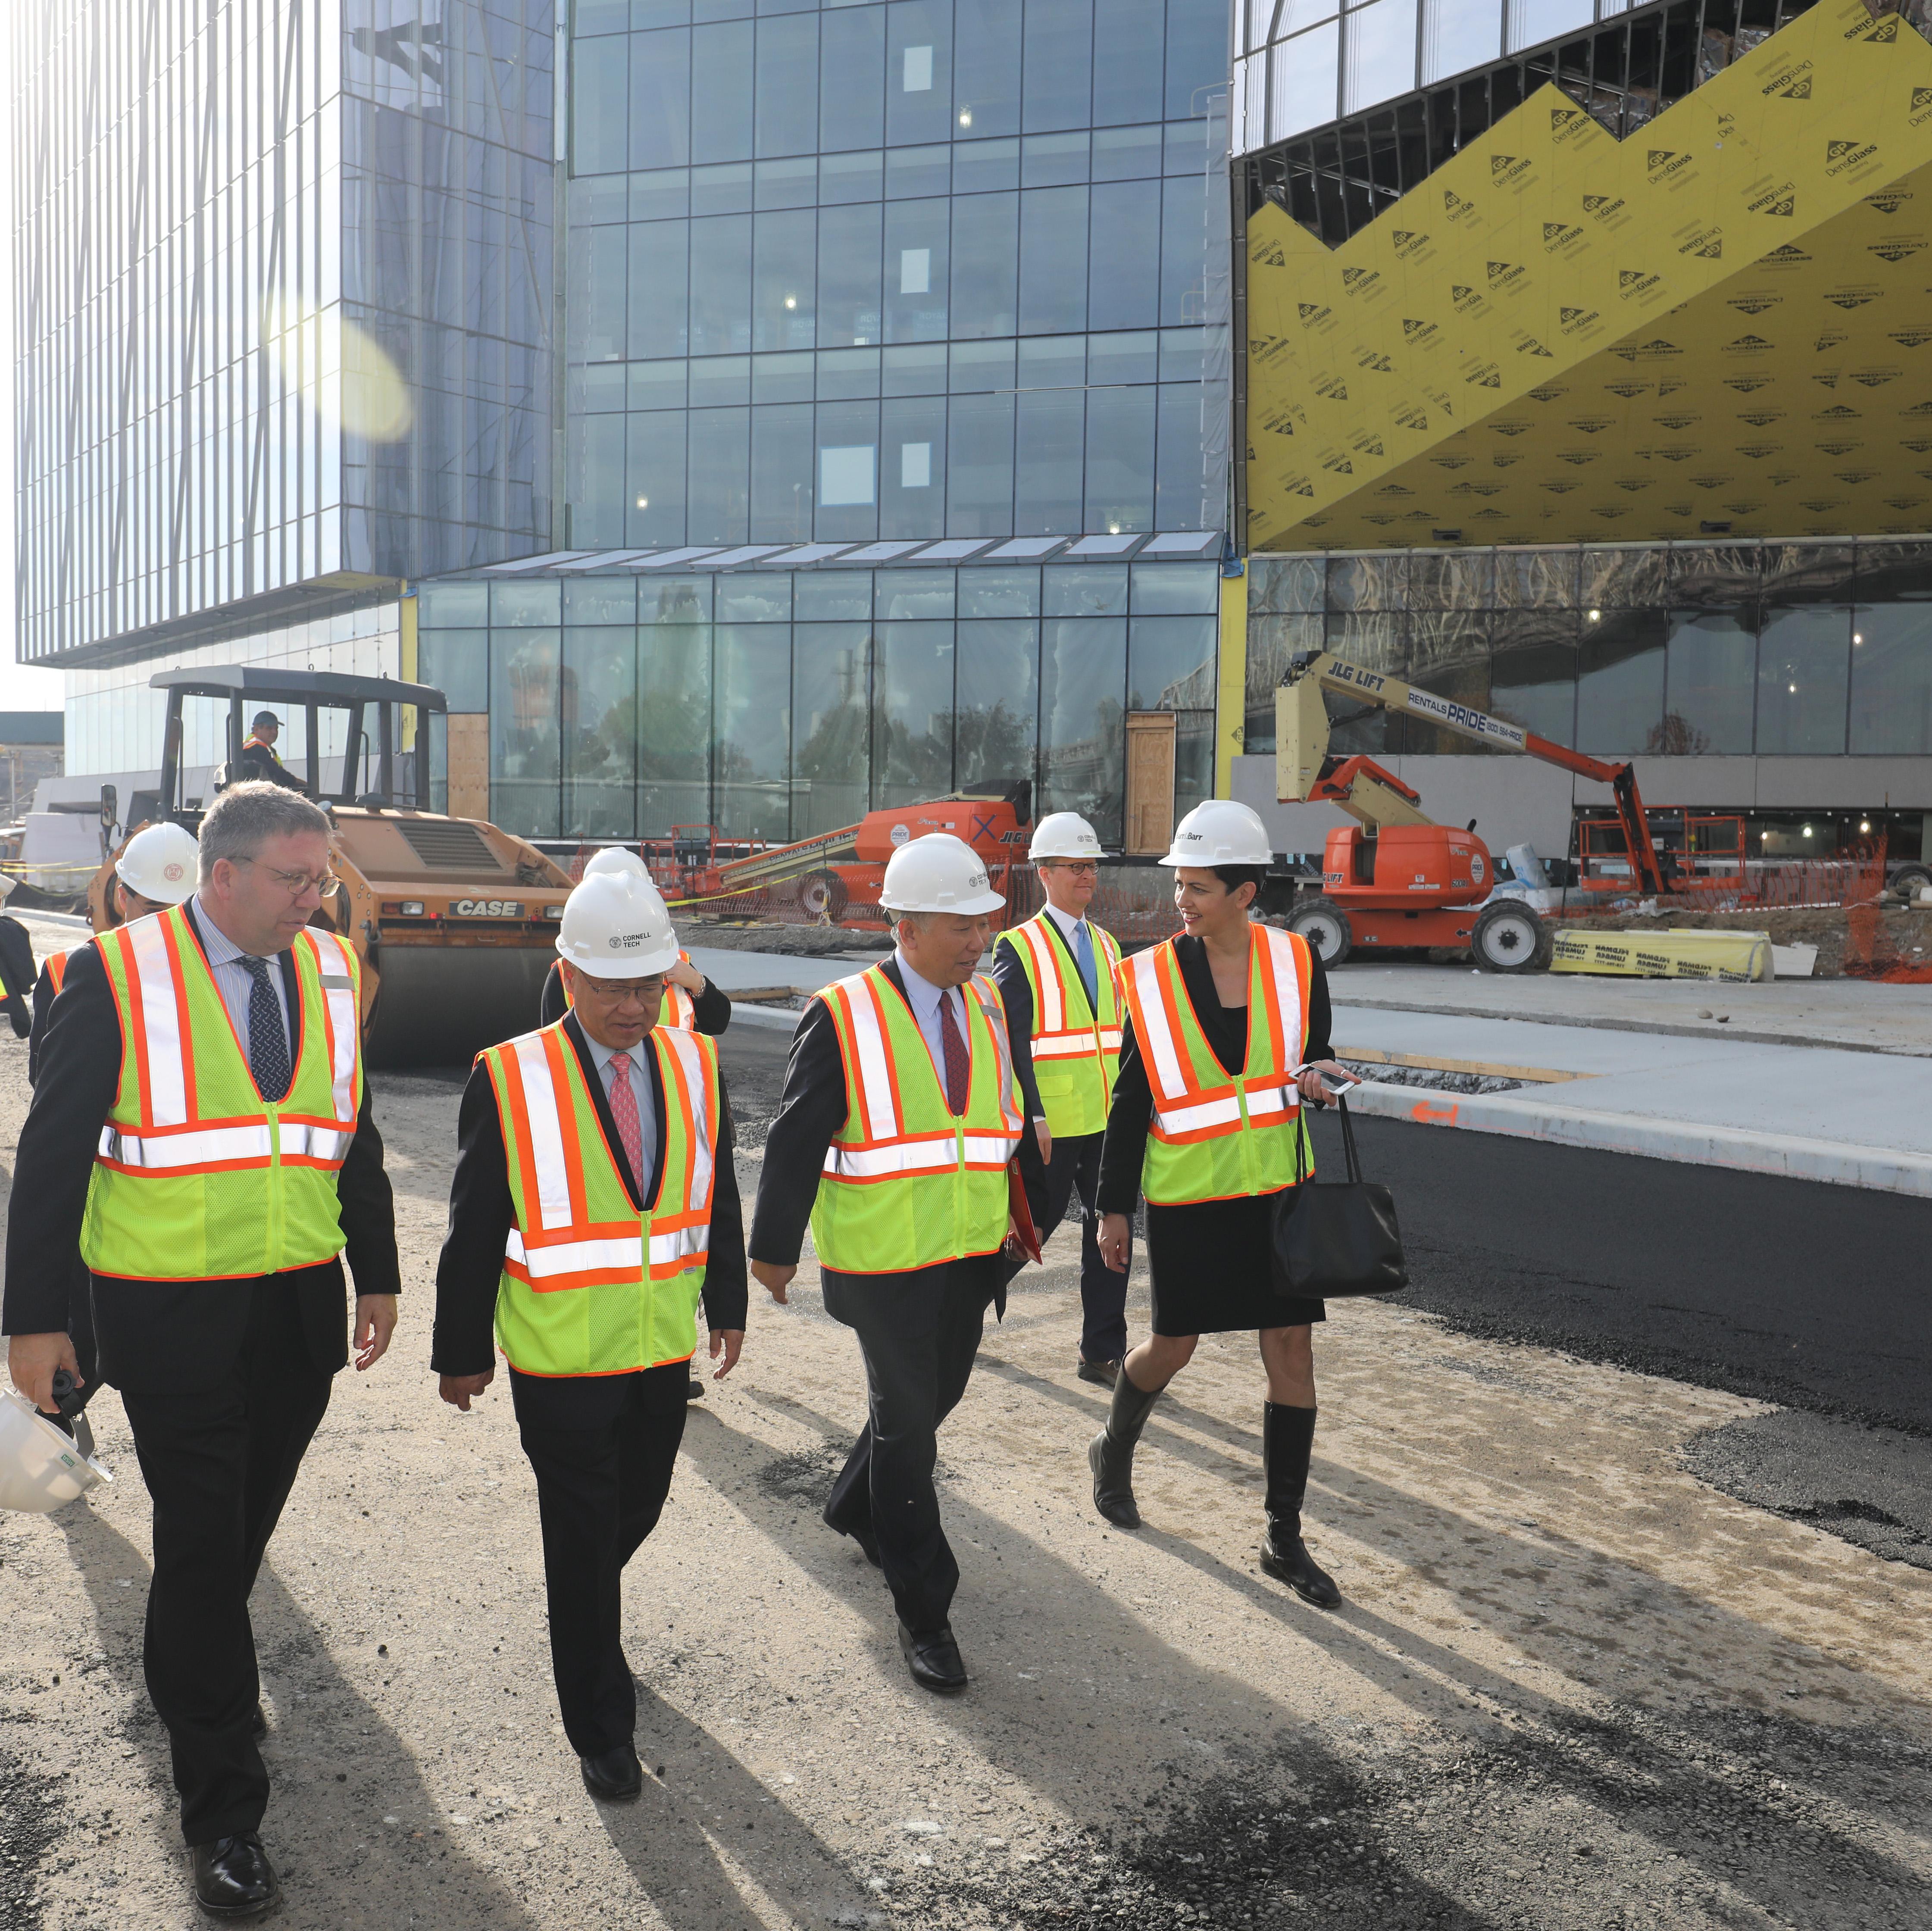 tour of Cornell Tech construction site